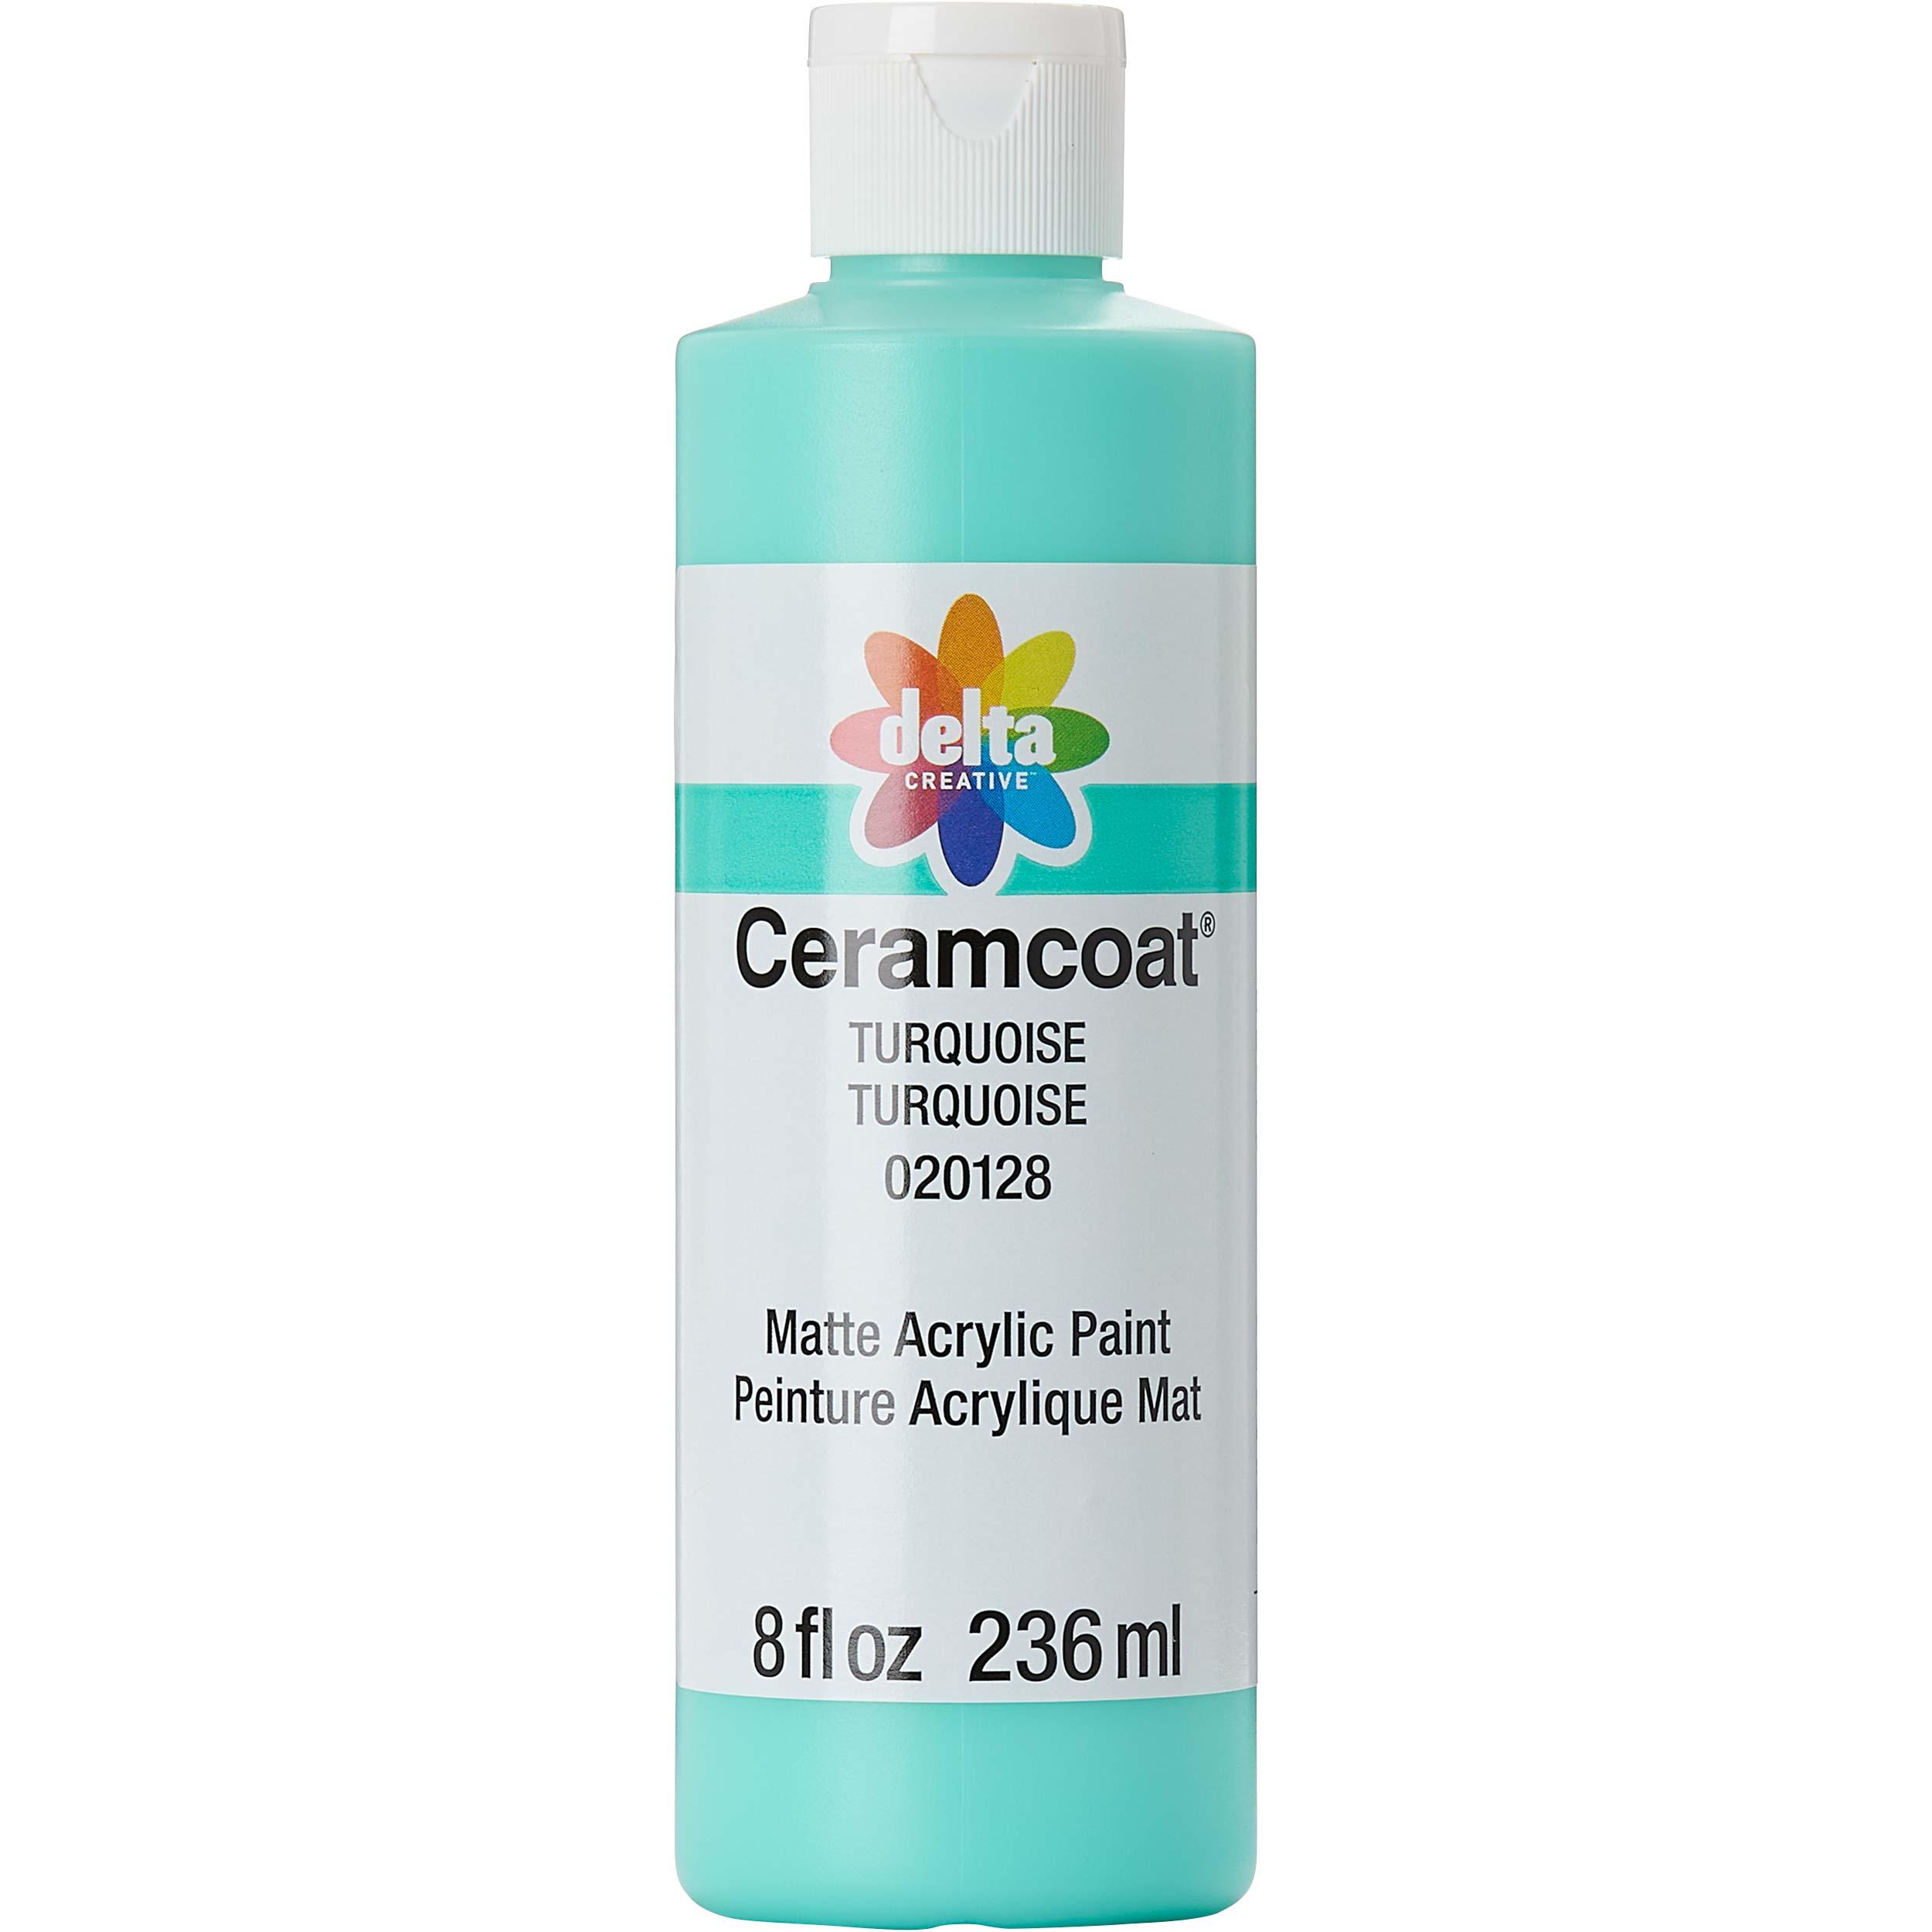 Delta Ceramcoat ® Acrylic Paint - Turquoise, 8 oz. - 020128